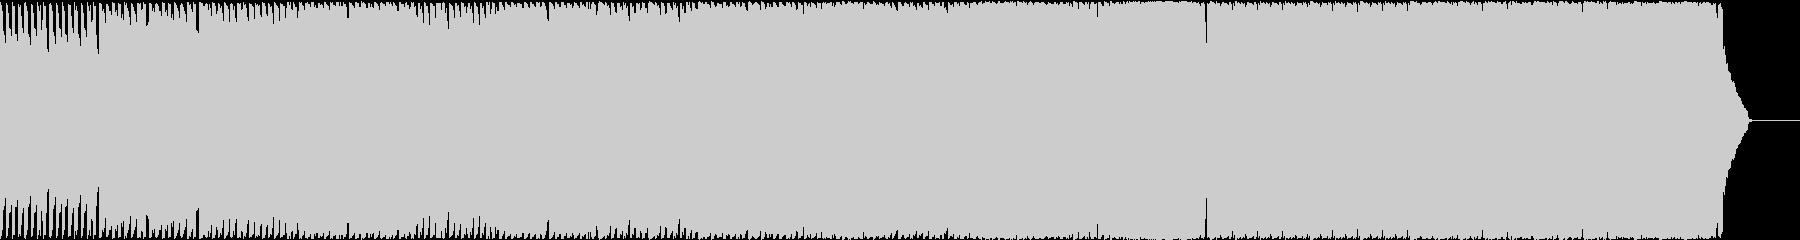 【ピコピコ】コミカルなゲームのBGM等の未再生の波形